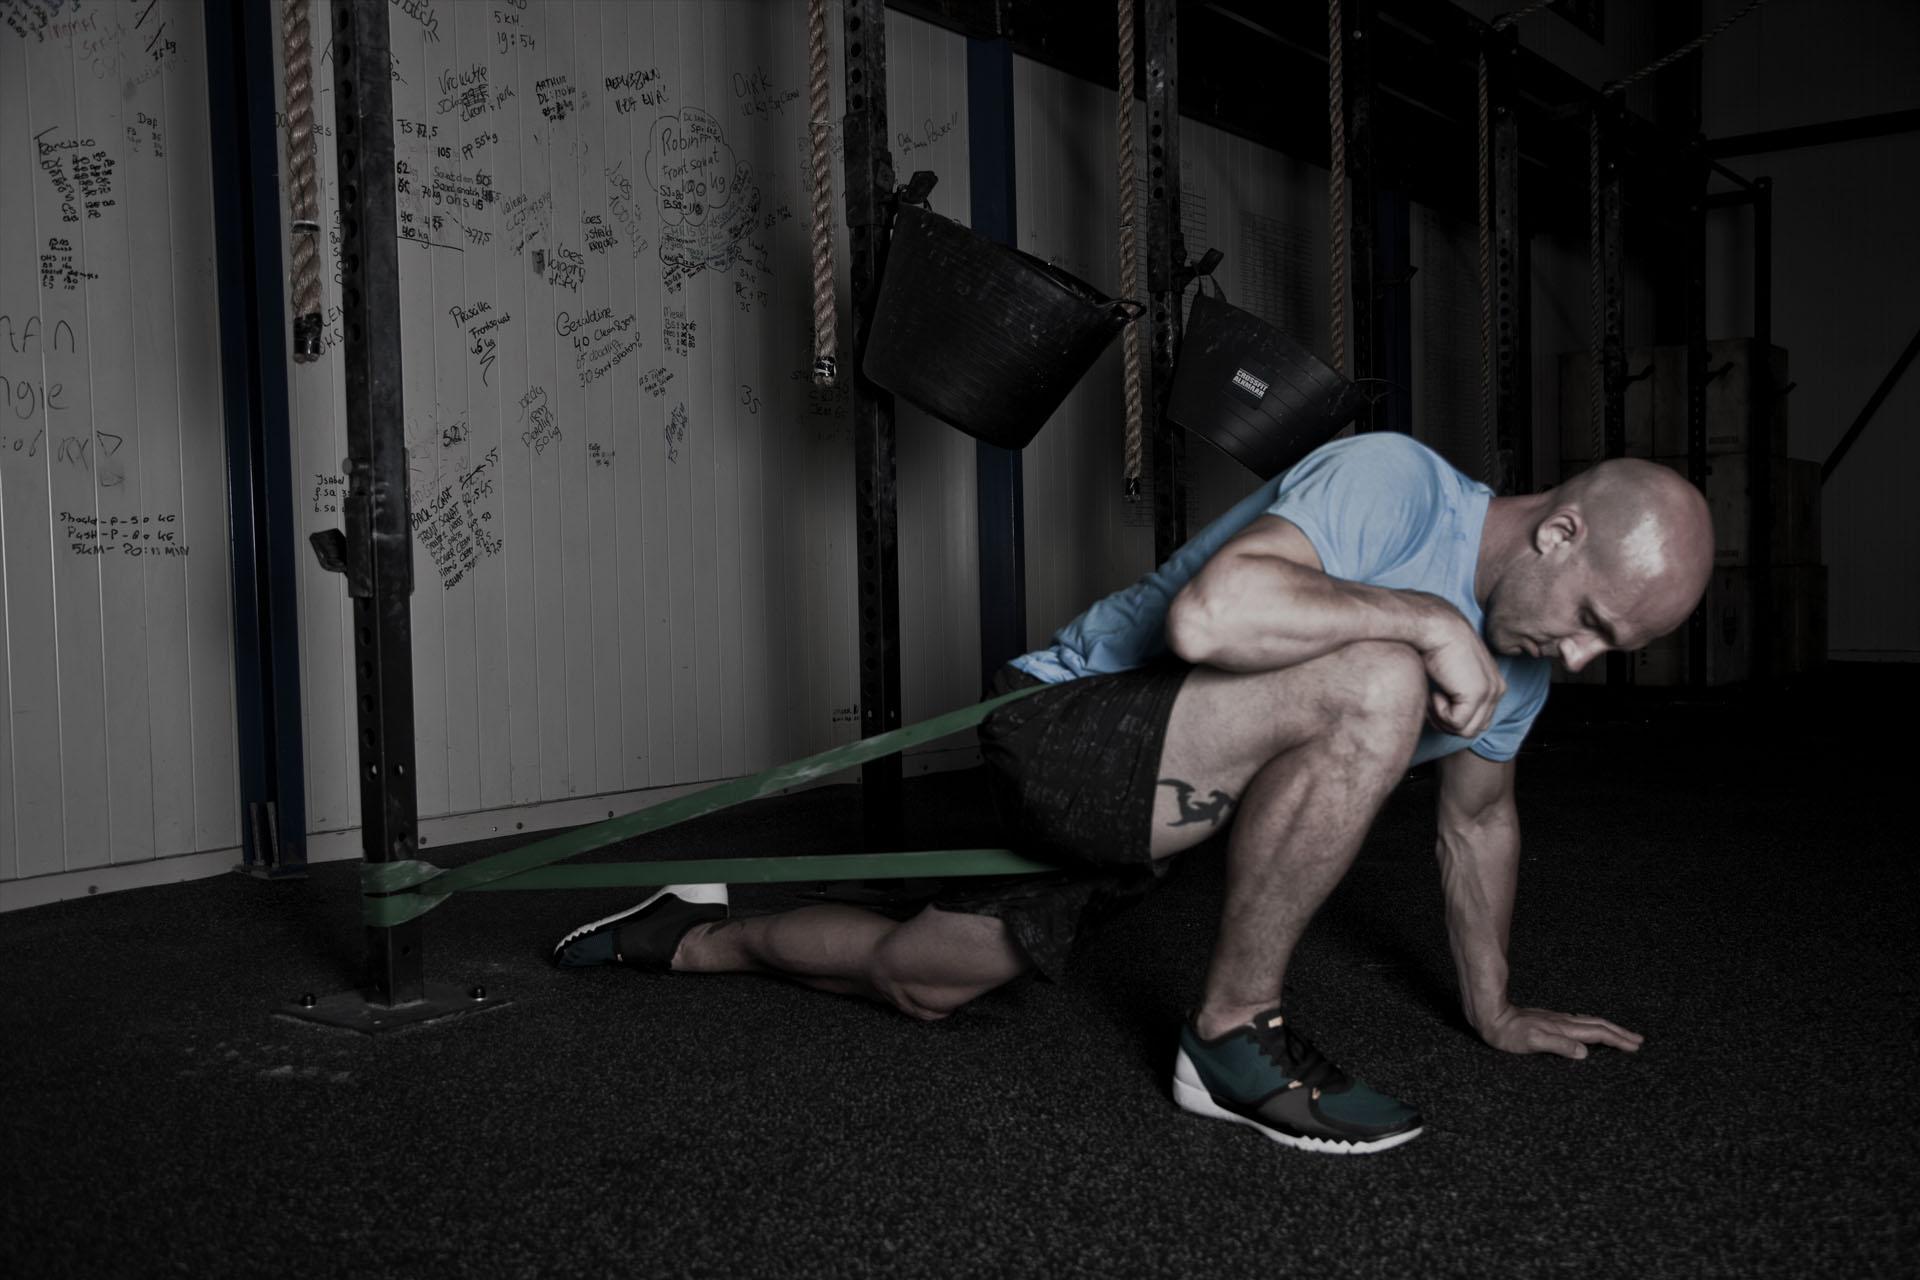 Rise Up Sporttherapie is dé plek voor mobiliteitstraining in Alkmaar. Onze trainer is volledig gediplomeerd en fulltime bezig is met sporttherapie.